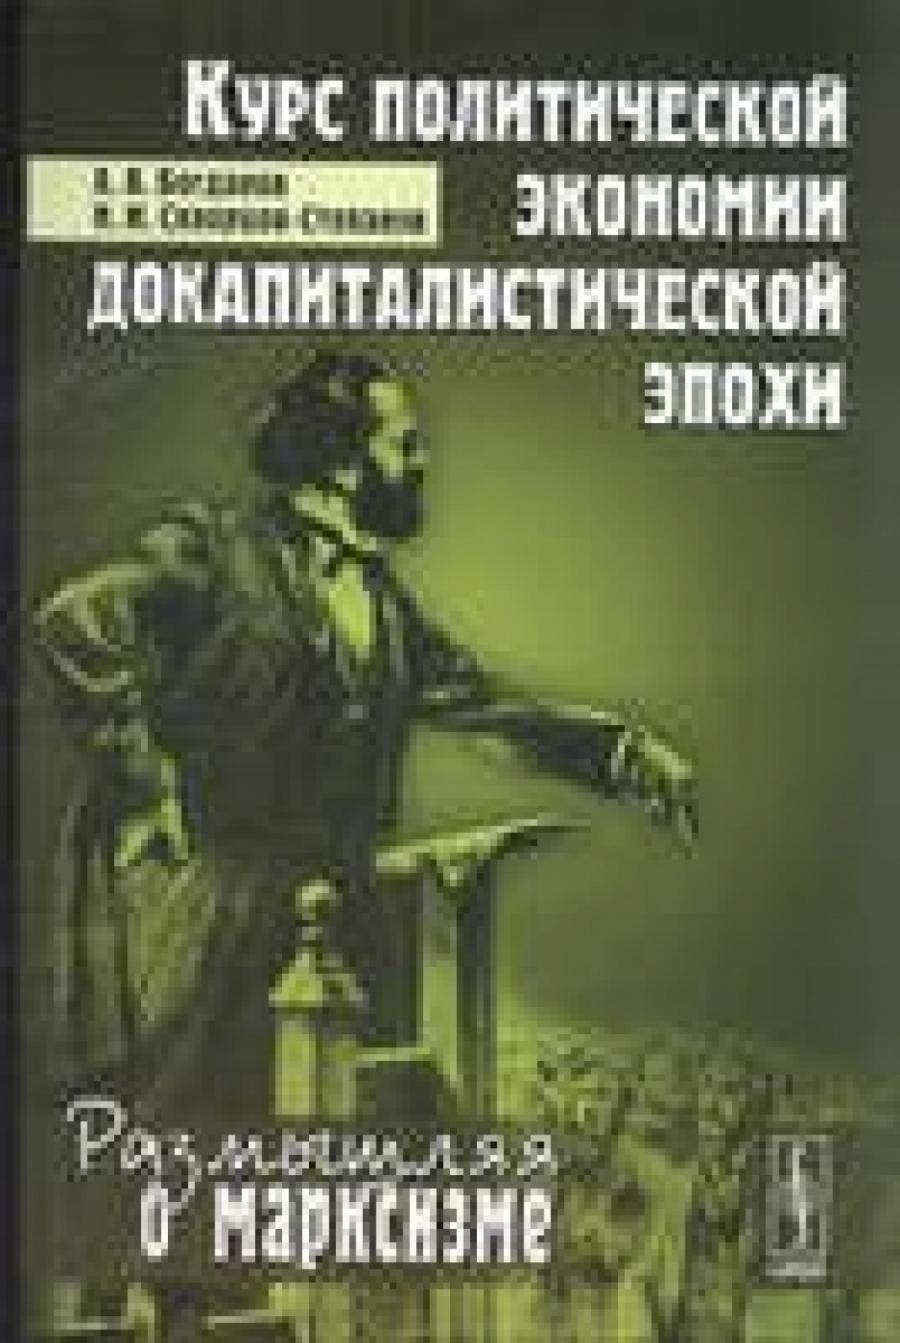 Обложка книги:  богданов а.а., скворцов-степанов и.и. - курс политической экономии докапиталистической эпохи